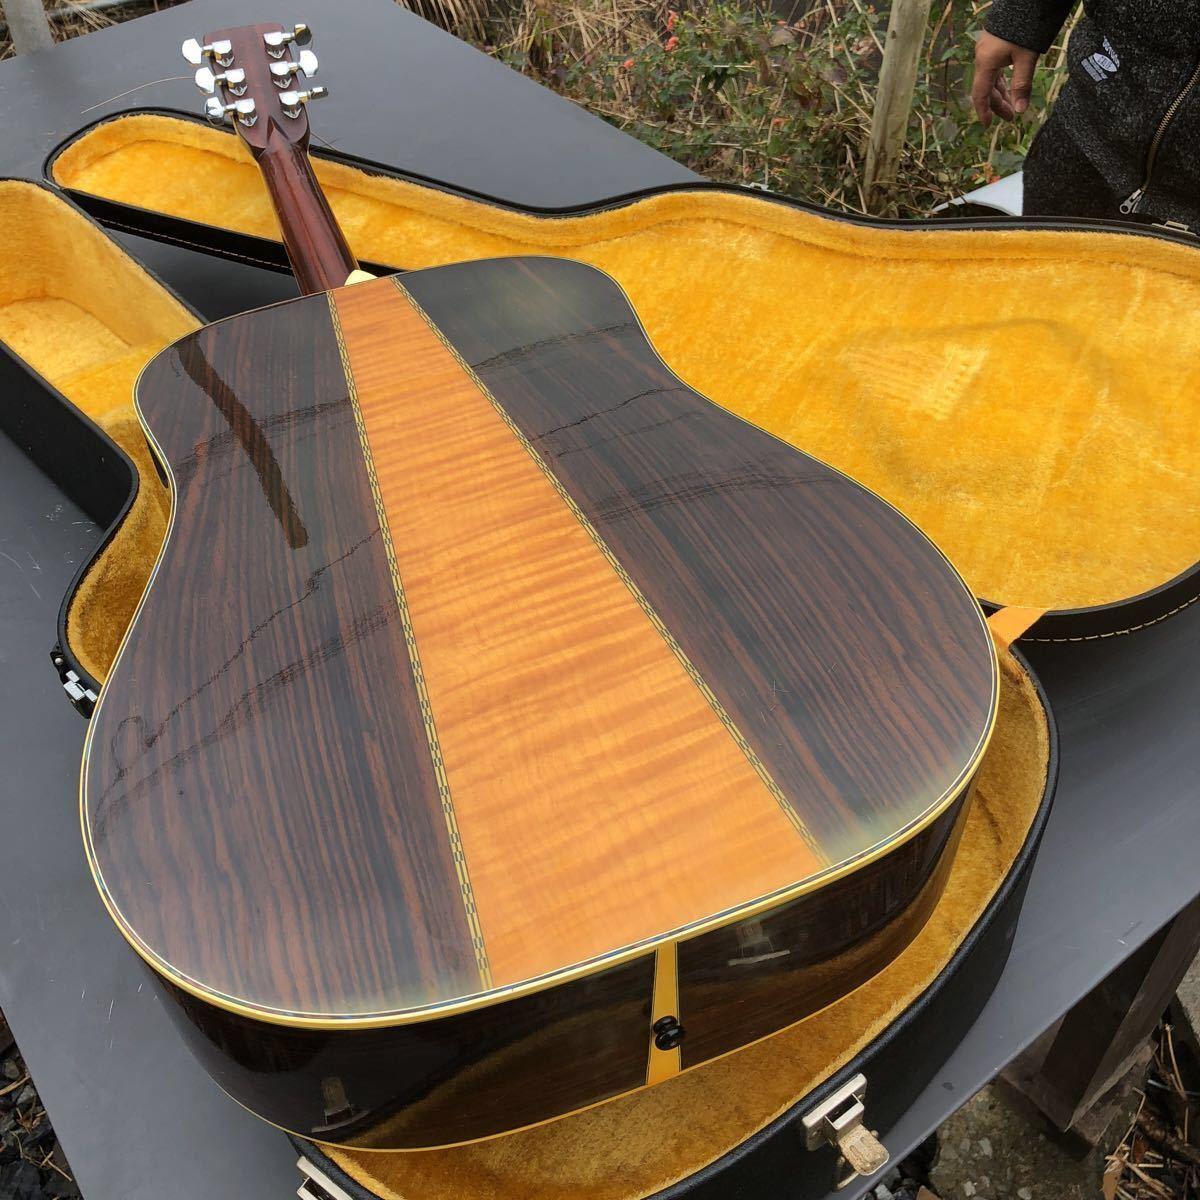 MORRIS スペシャル w50 ギター ハードケース付き _画像4